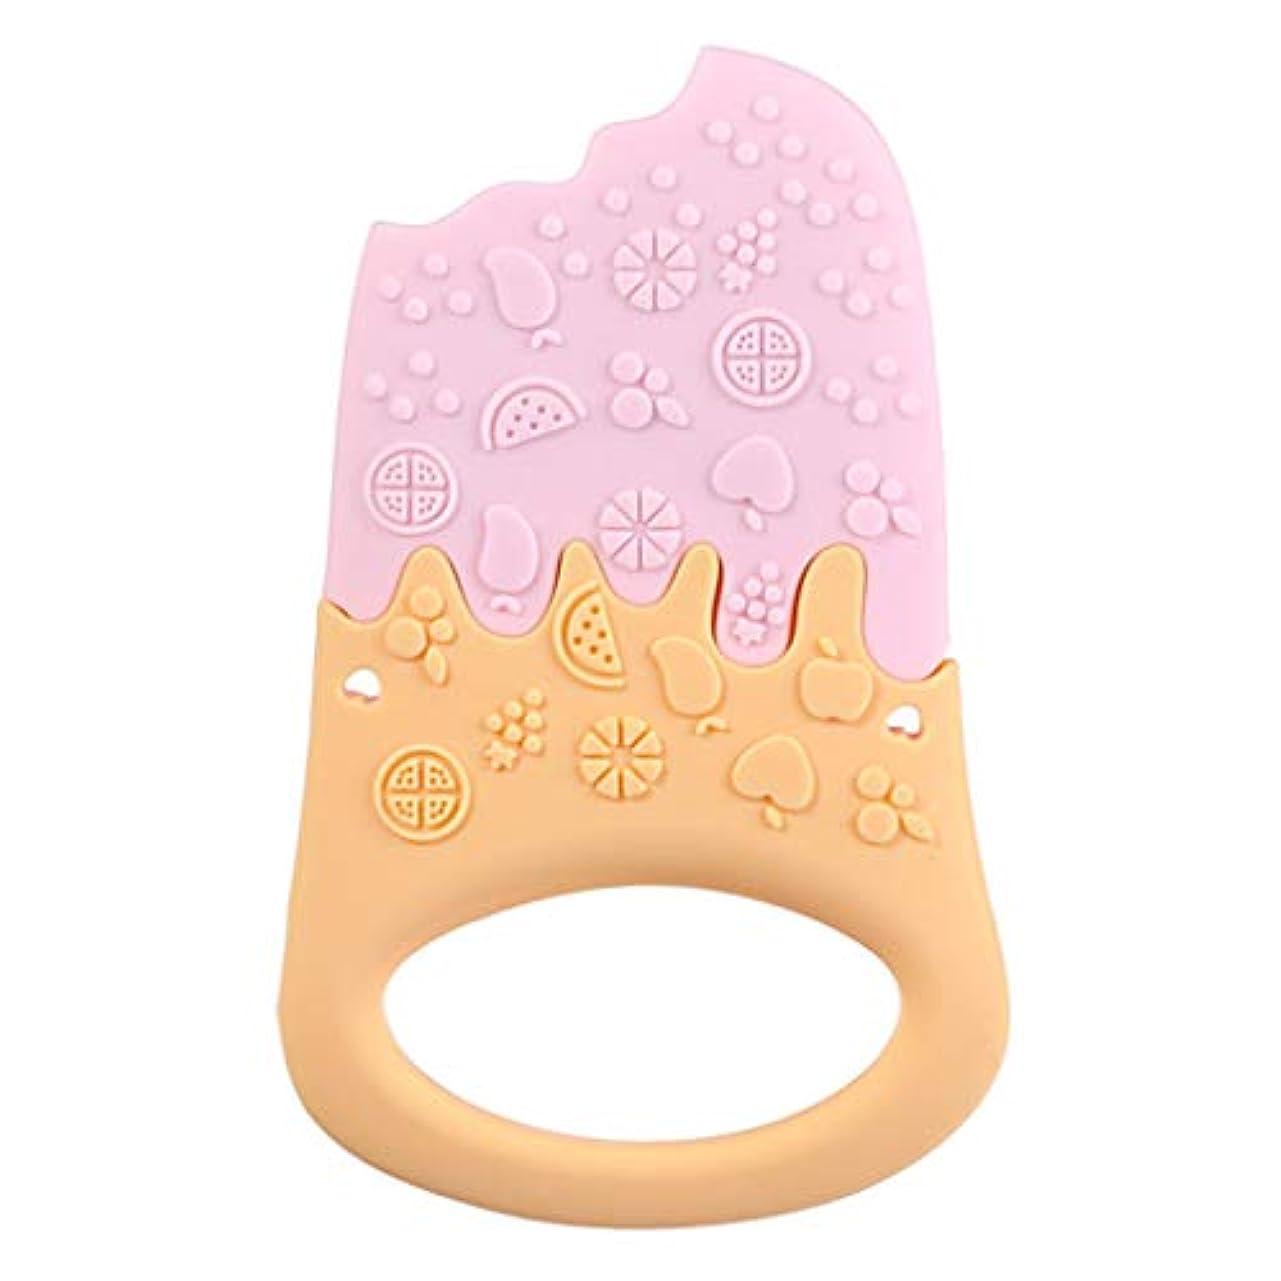 バリケード送金挽くLanddumシリコーンティーザーアイスクリームティーザー赤ちゃん看護玩具かむ玩具歯が生えるガラガラおもちゃ - 青